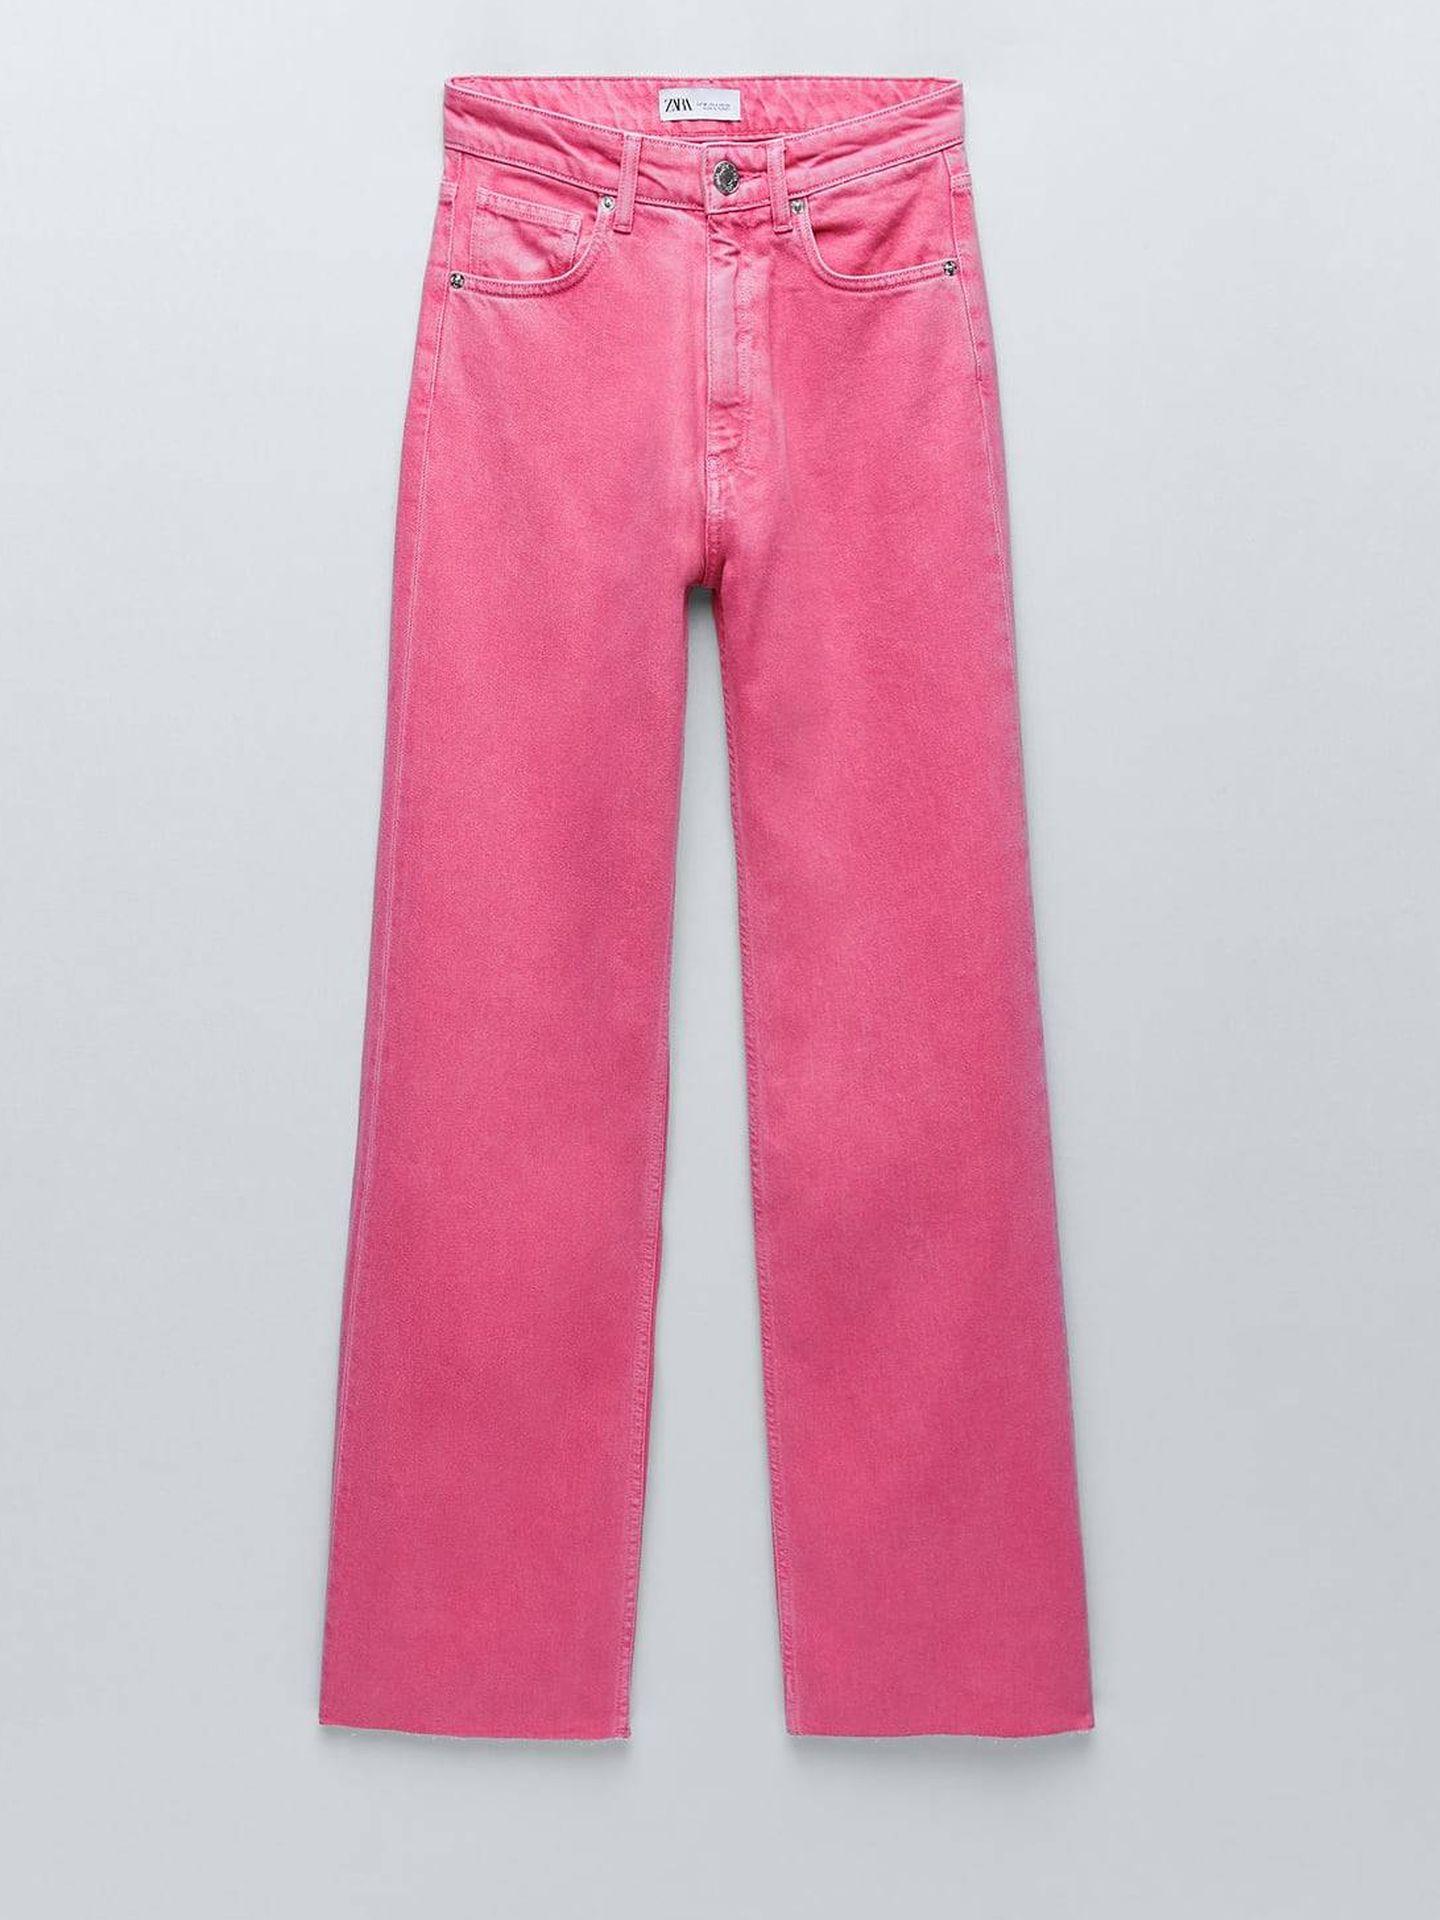 Vaquero rosa de Zara. (Cortesía)